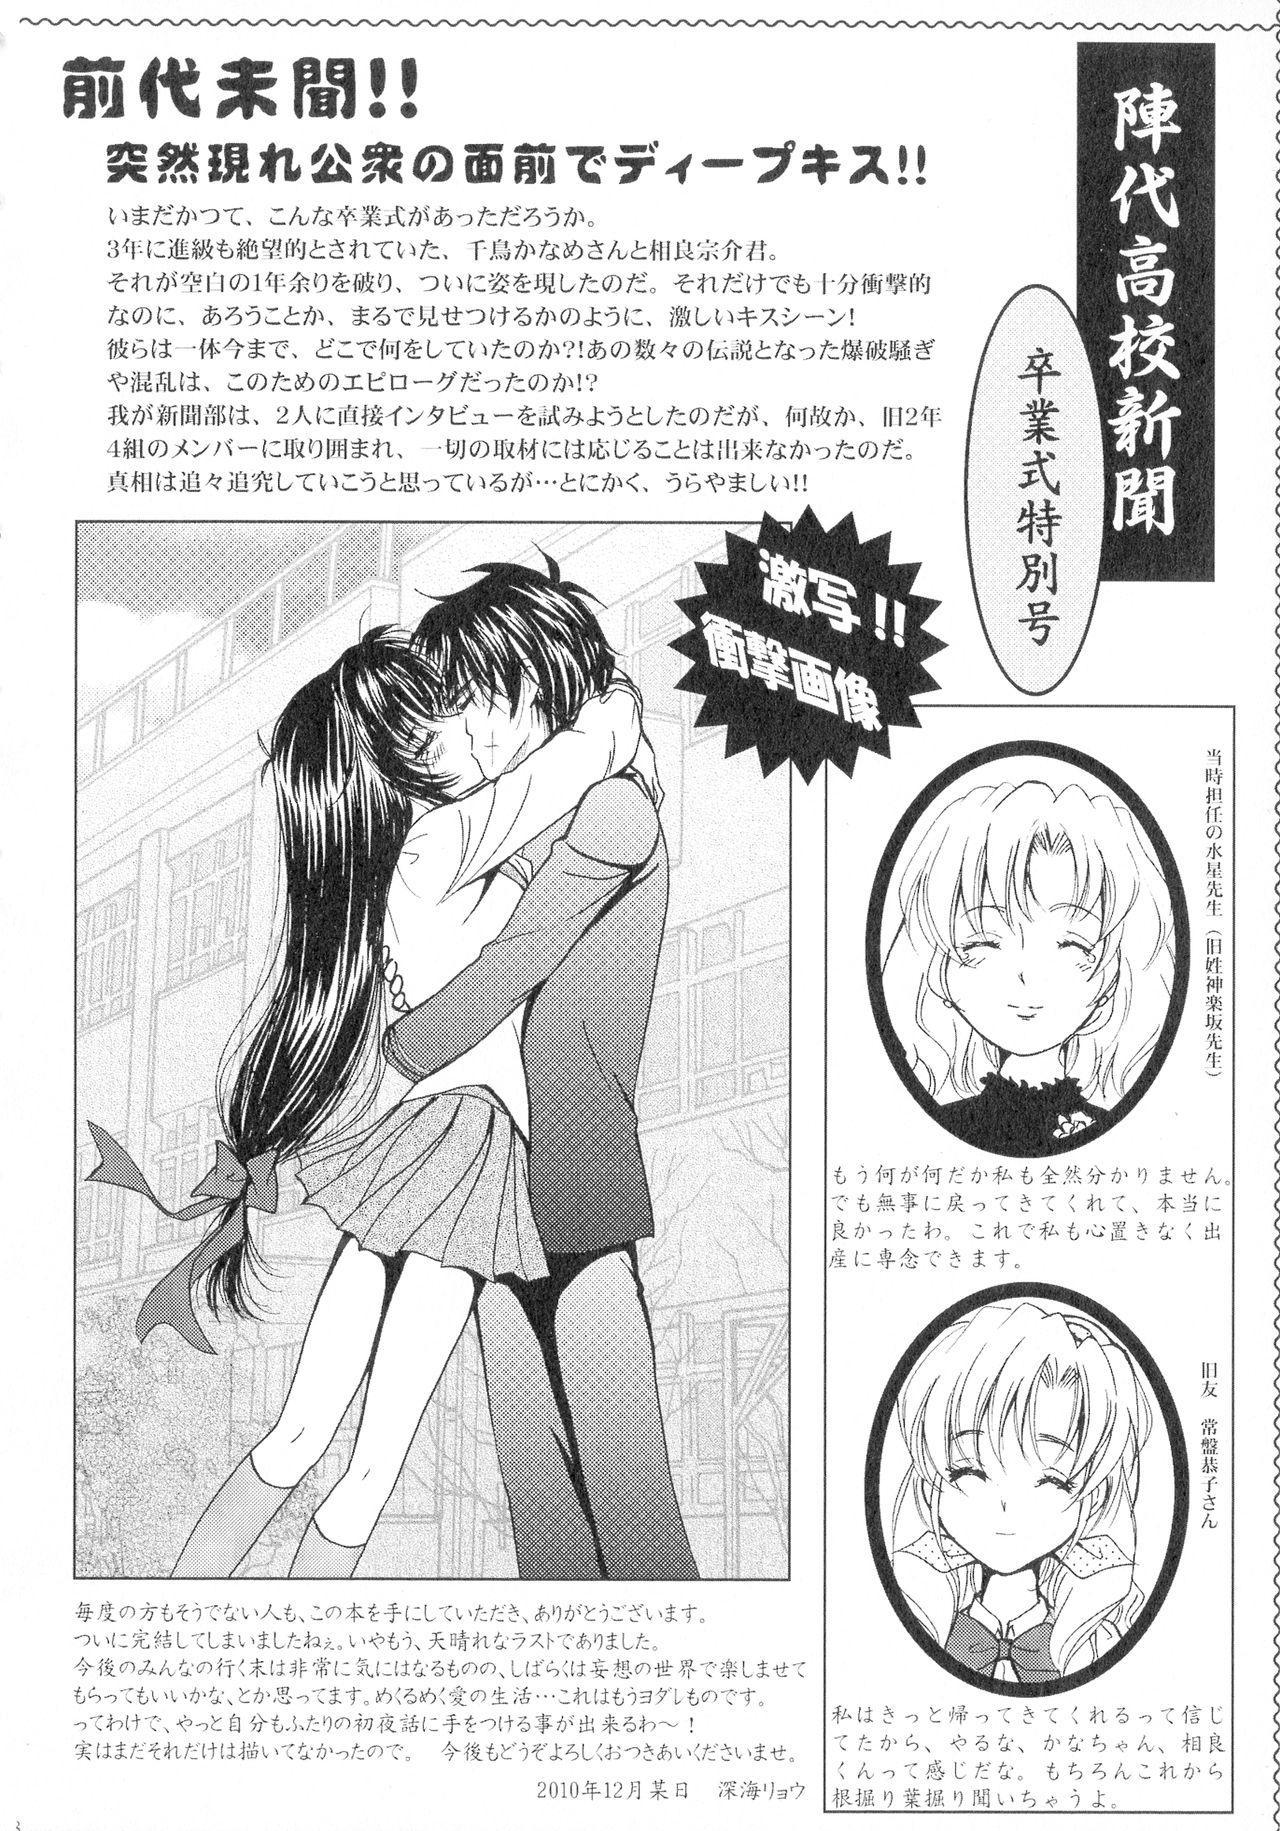 SEXY PANIC Sairokushuu Vol. 4 88